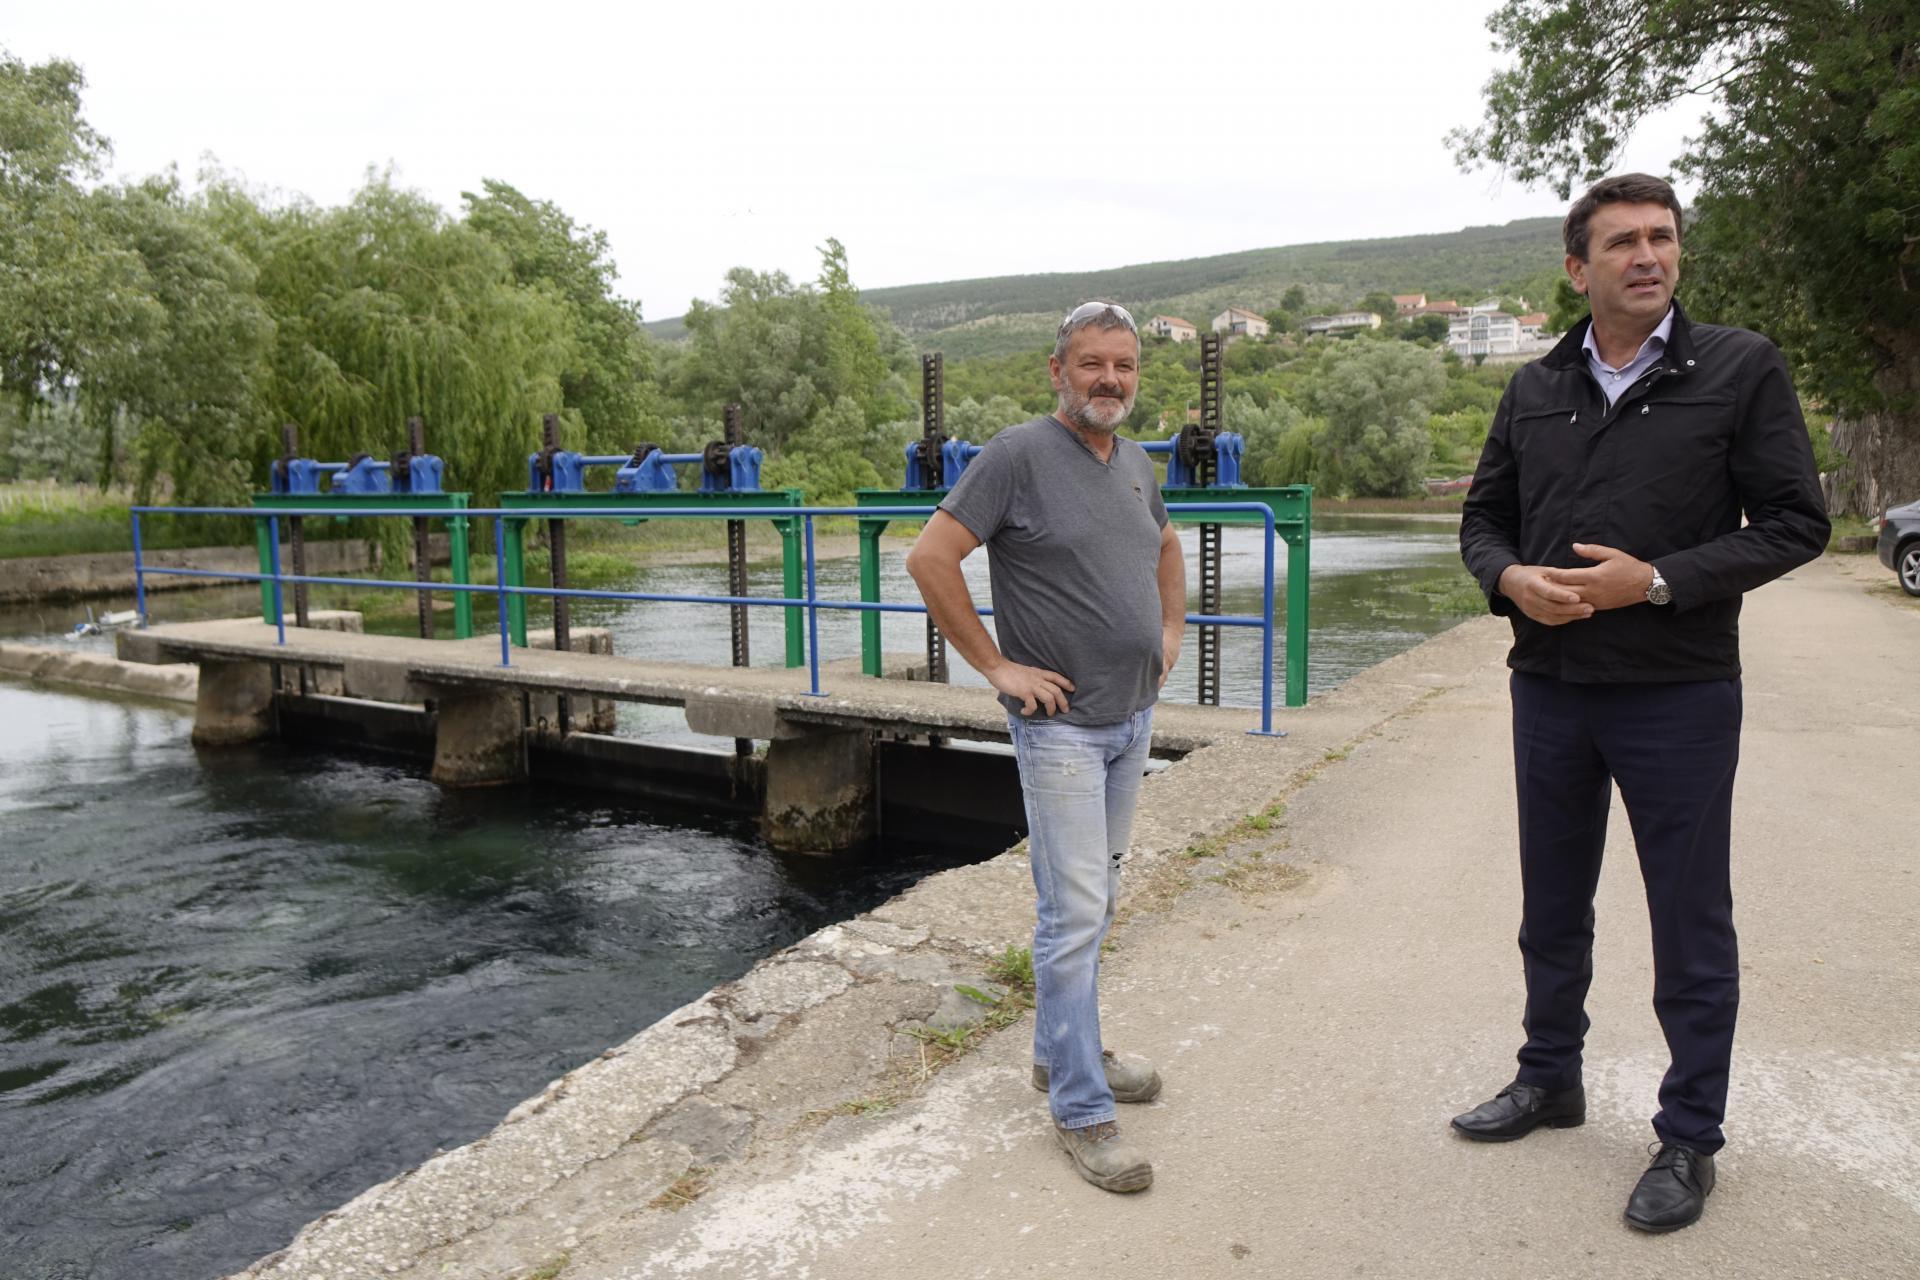 Iz rijeka cure slobodne Vesna, Rijeka,